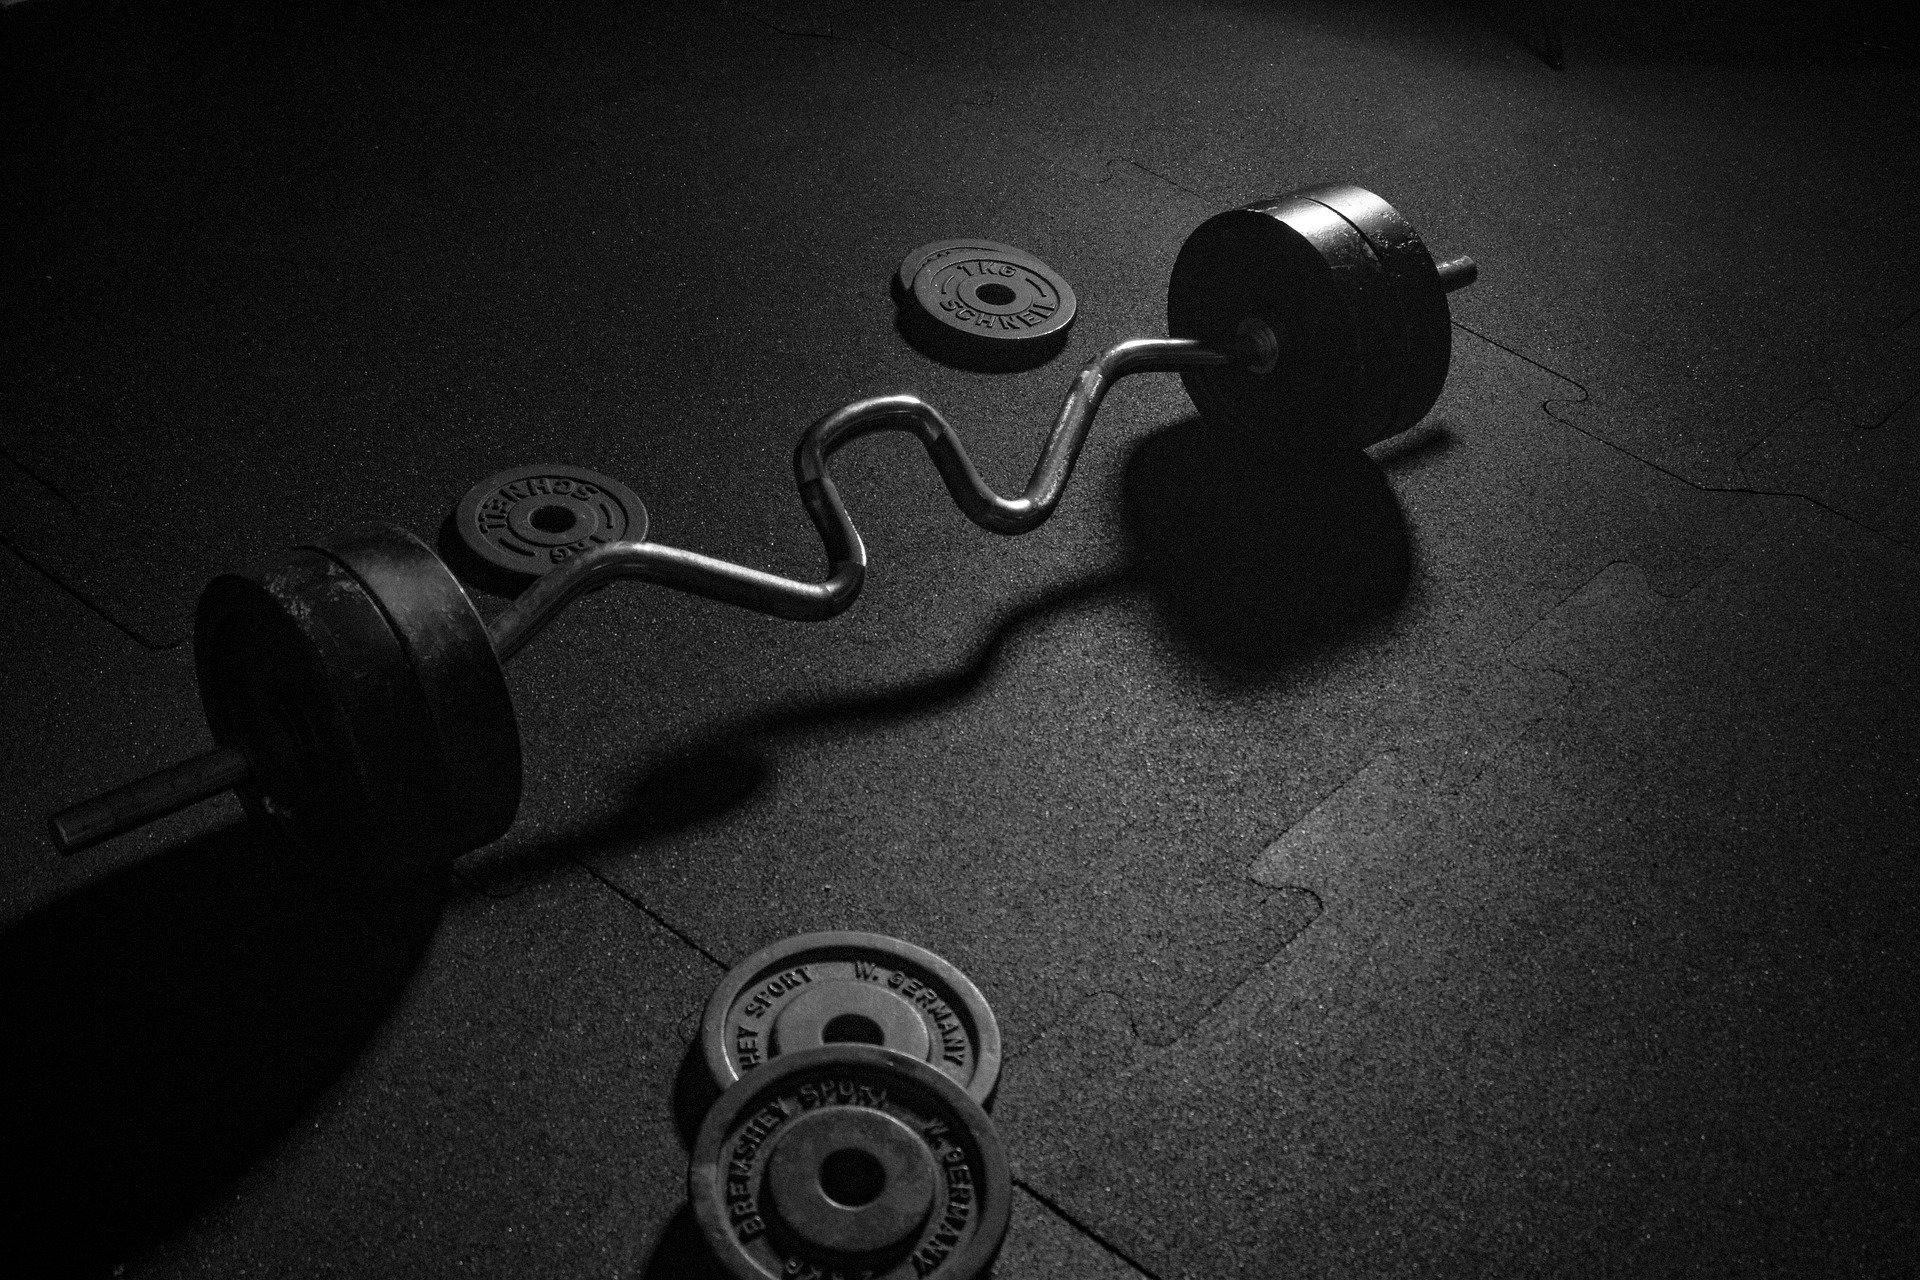 Stärke übungen könnten helfen, ältere Erwachsene wieder auf die Füße, findet Studie